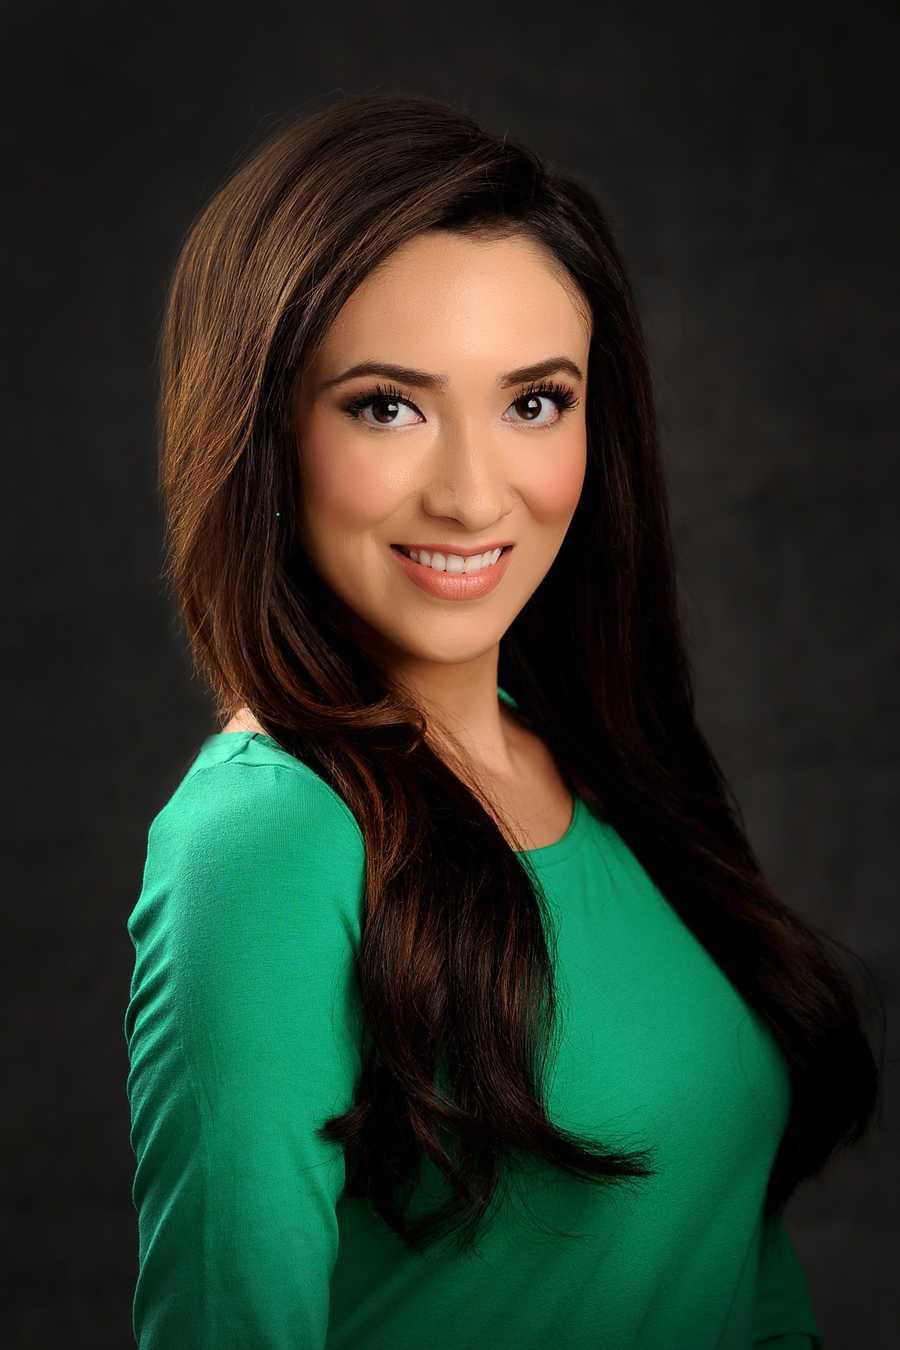 Faith Annelies Cortez, Miss Northern NM